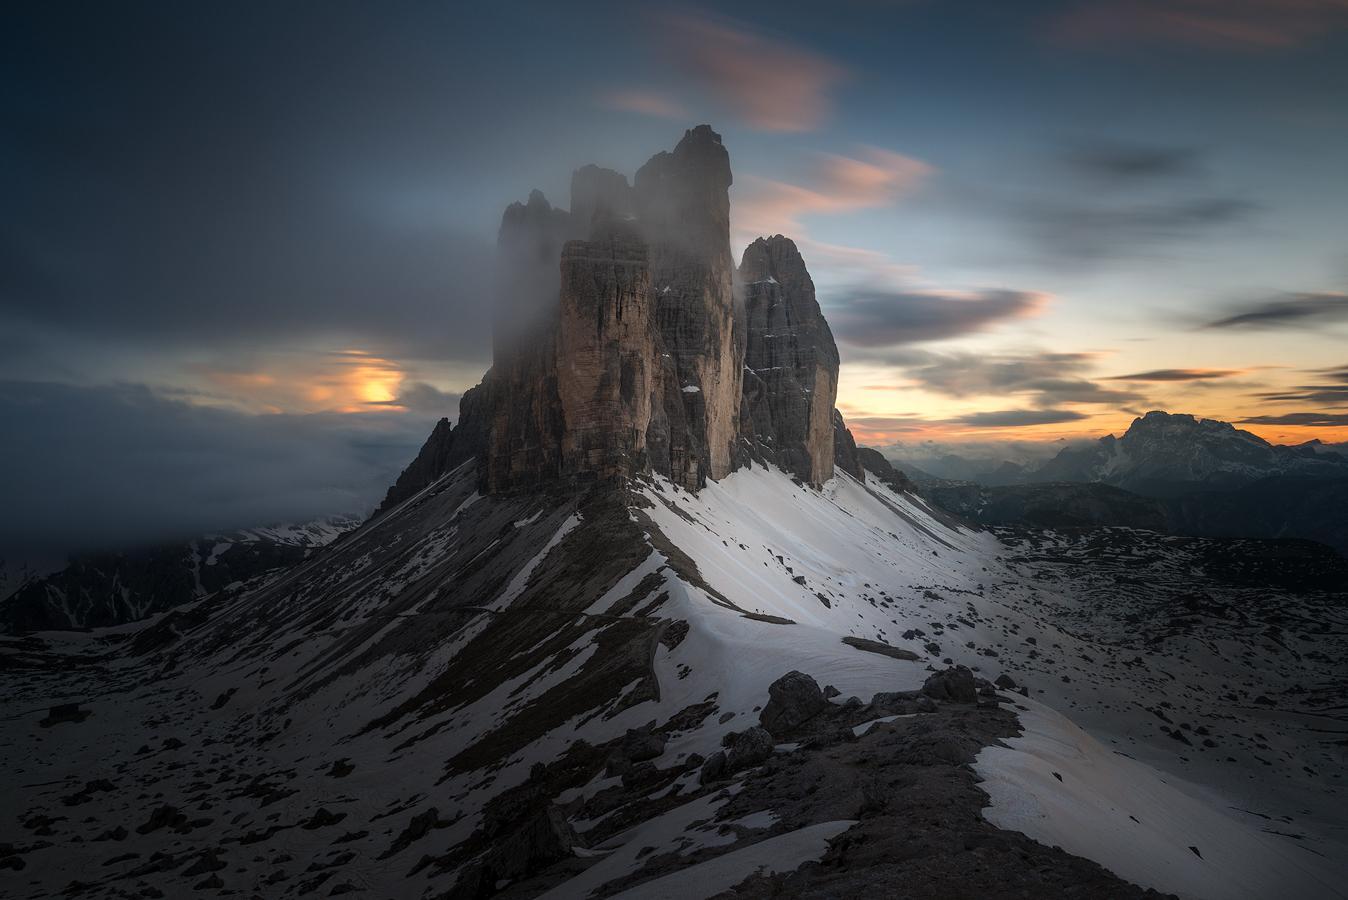 Трите върха на Лаваредо от Иво Кузов - ivo.kuzov